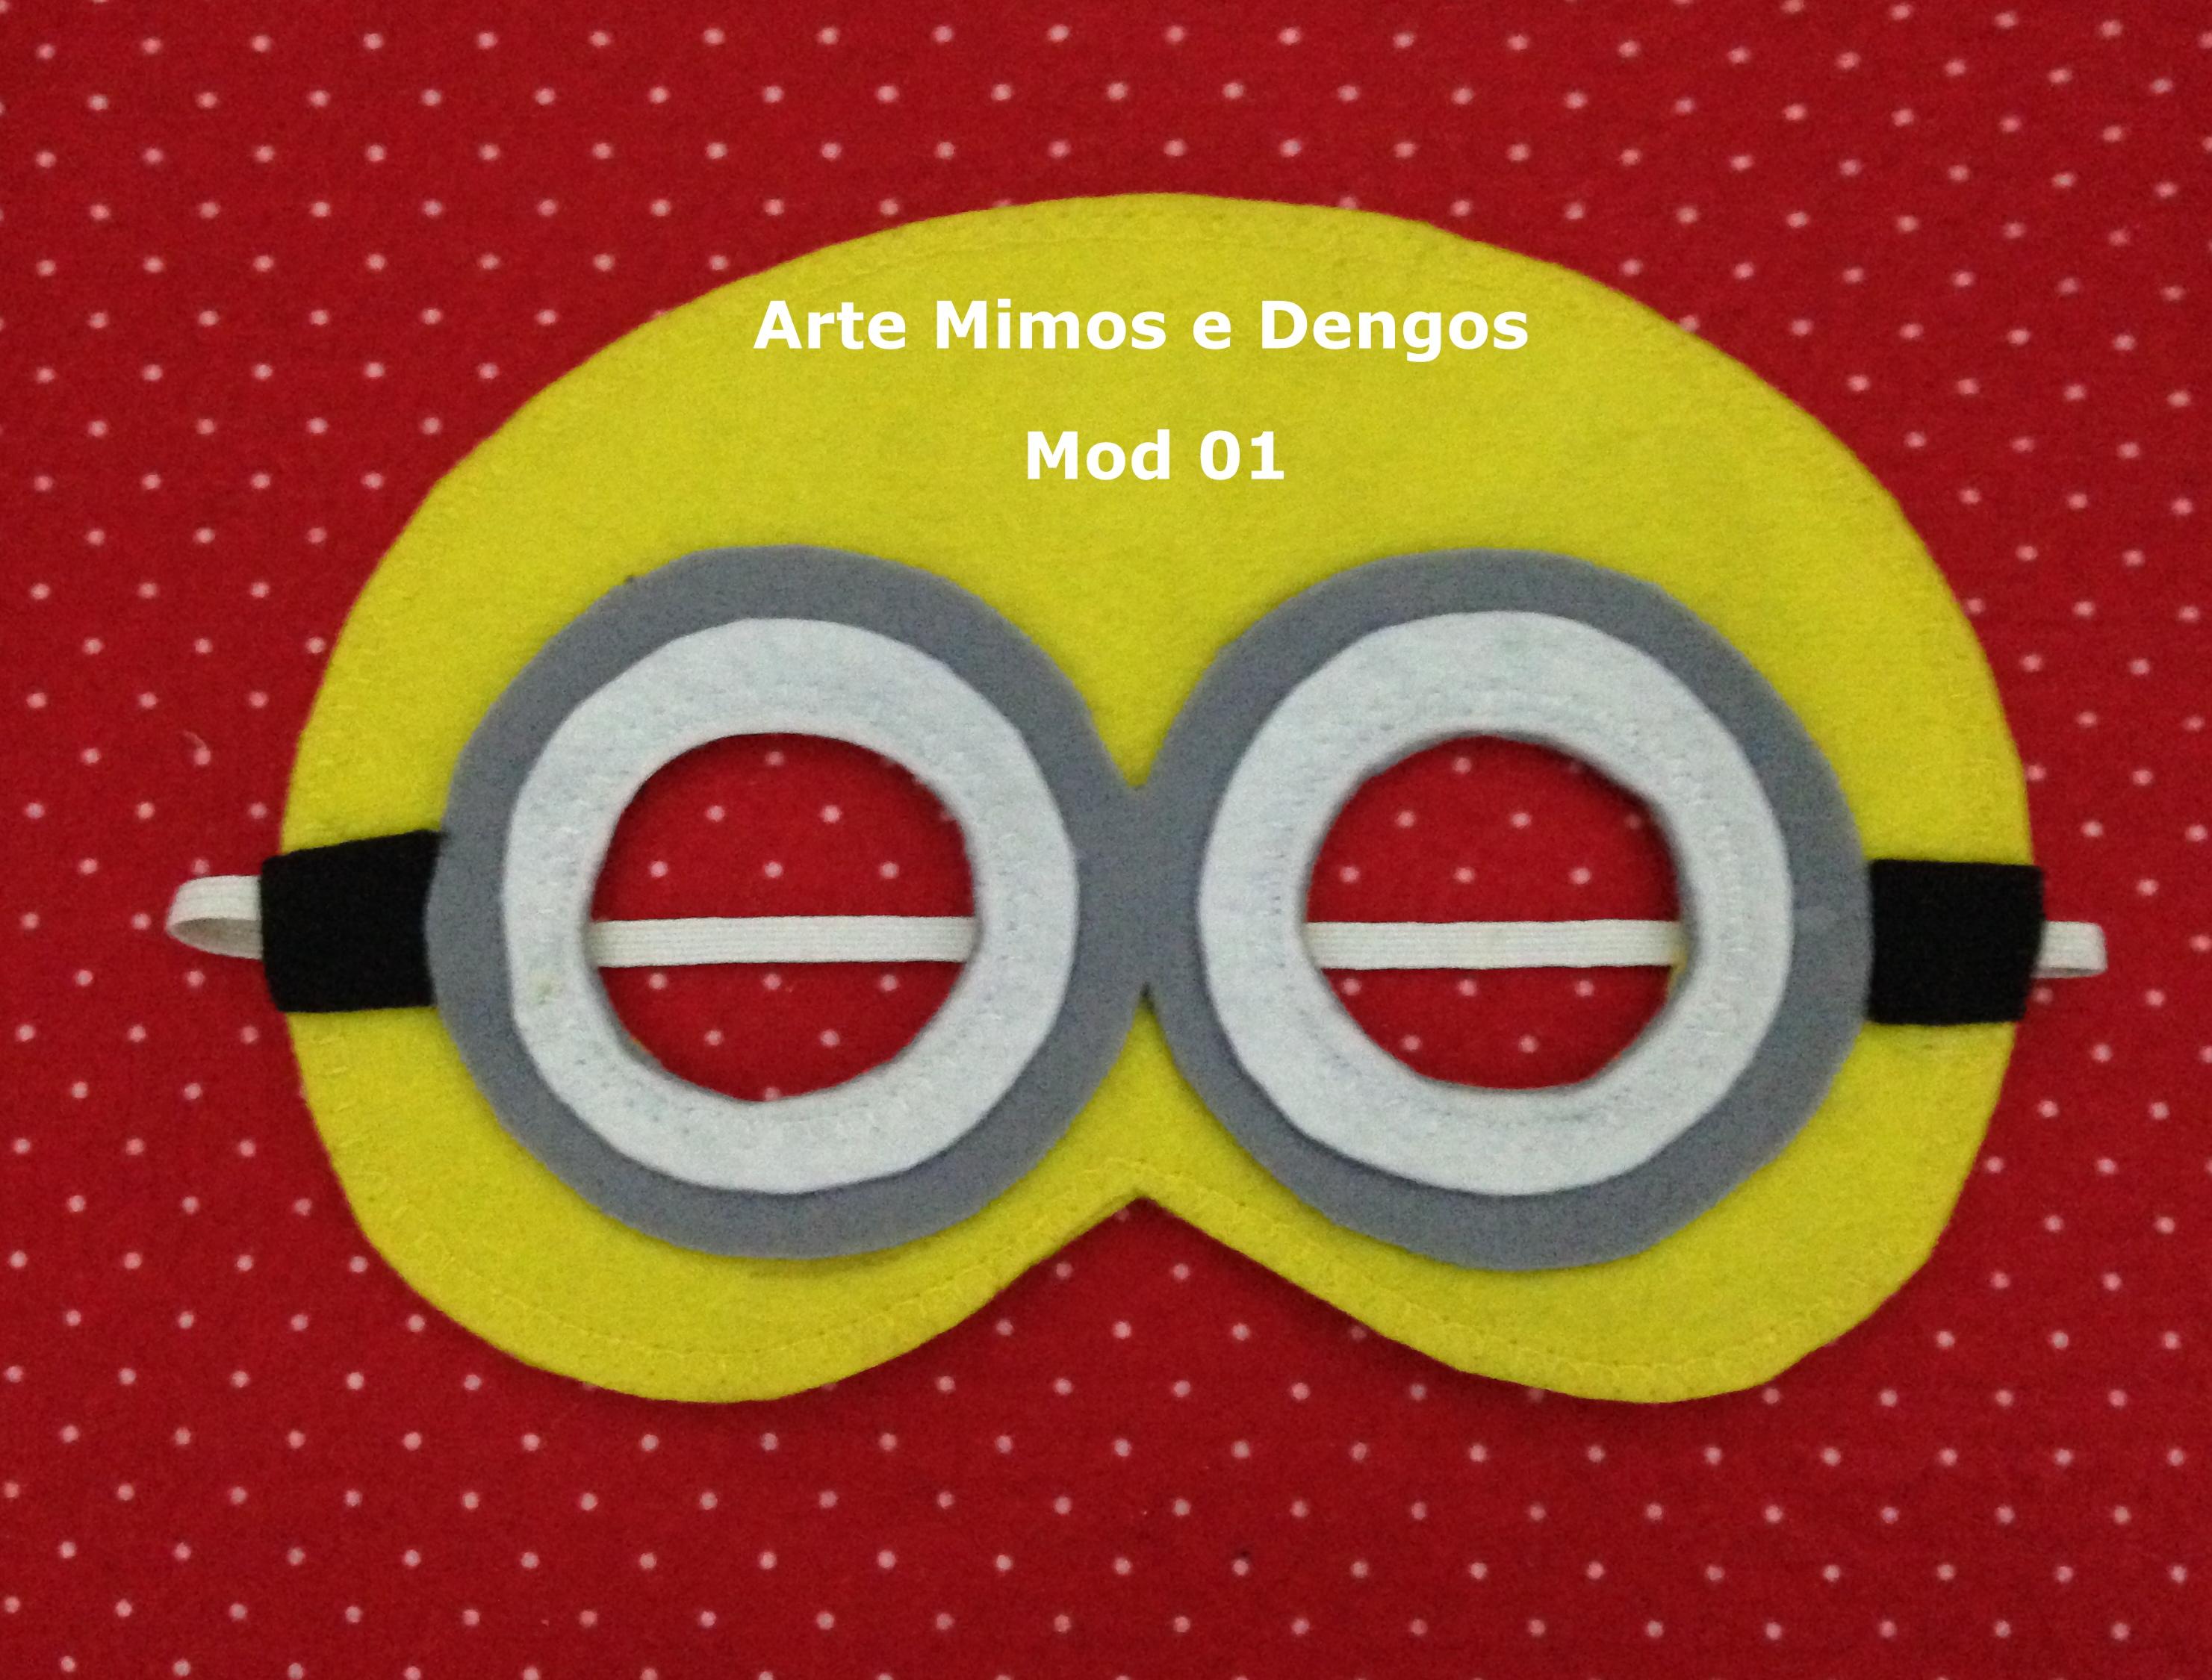 Mascara Minions Meu Malvado Favorito No Elo7 Arte Mimos E Dengos